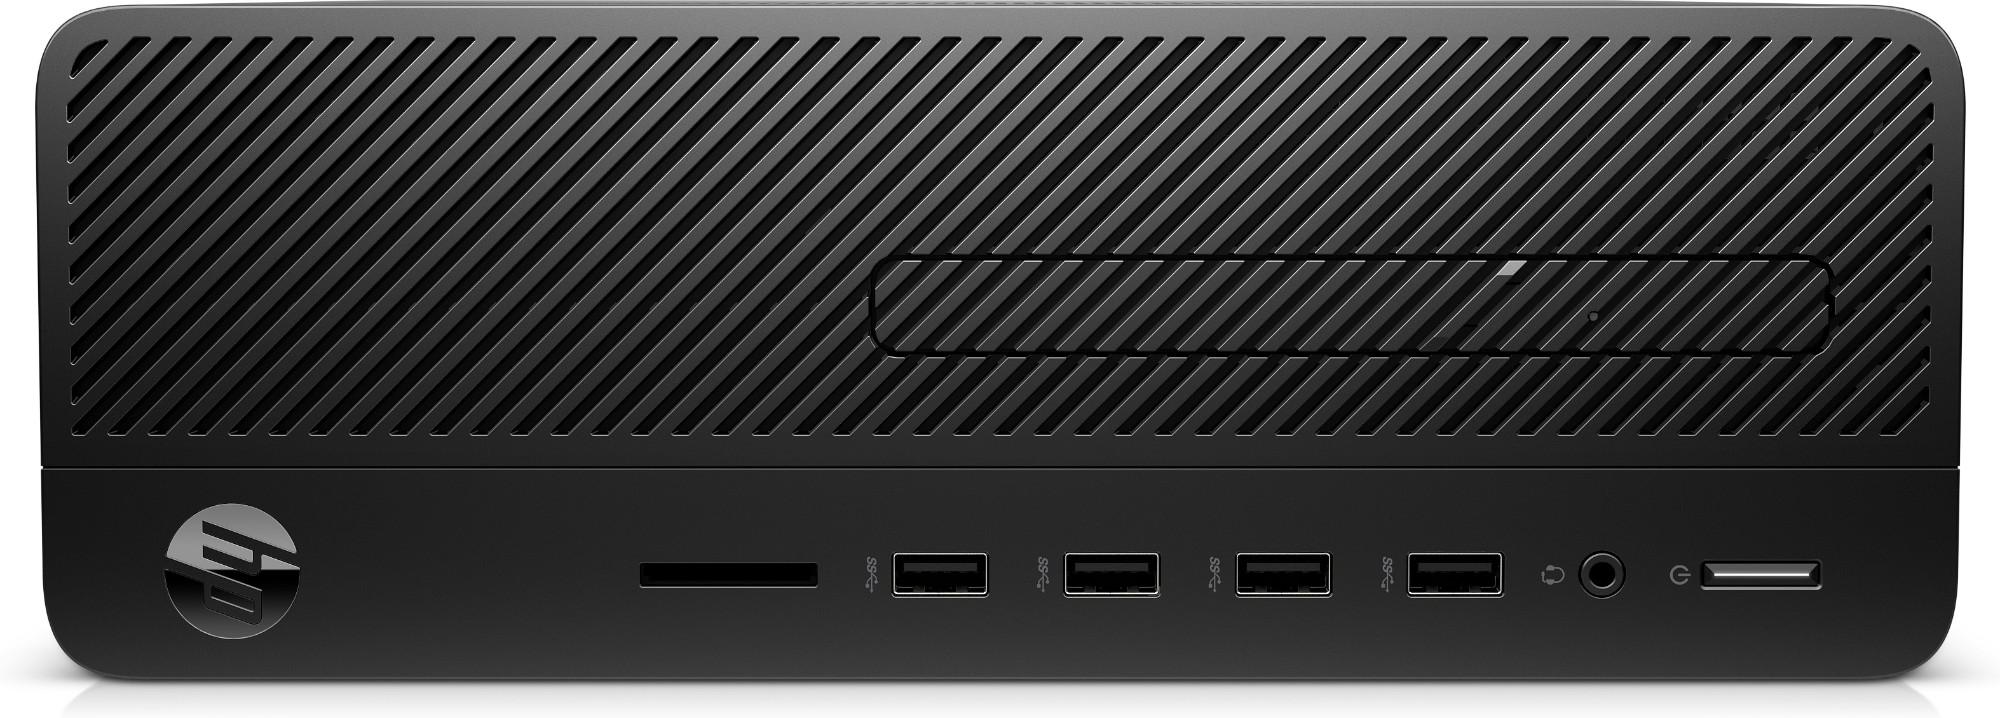 HP 290 G2 9na generación de procesadores Intel® Core™ i5 9500 4 GB DDR4-SDRAM 1000 GB Unidad de disco duro SFF Negro PC Windows 10 Pro